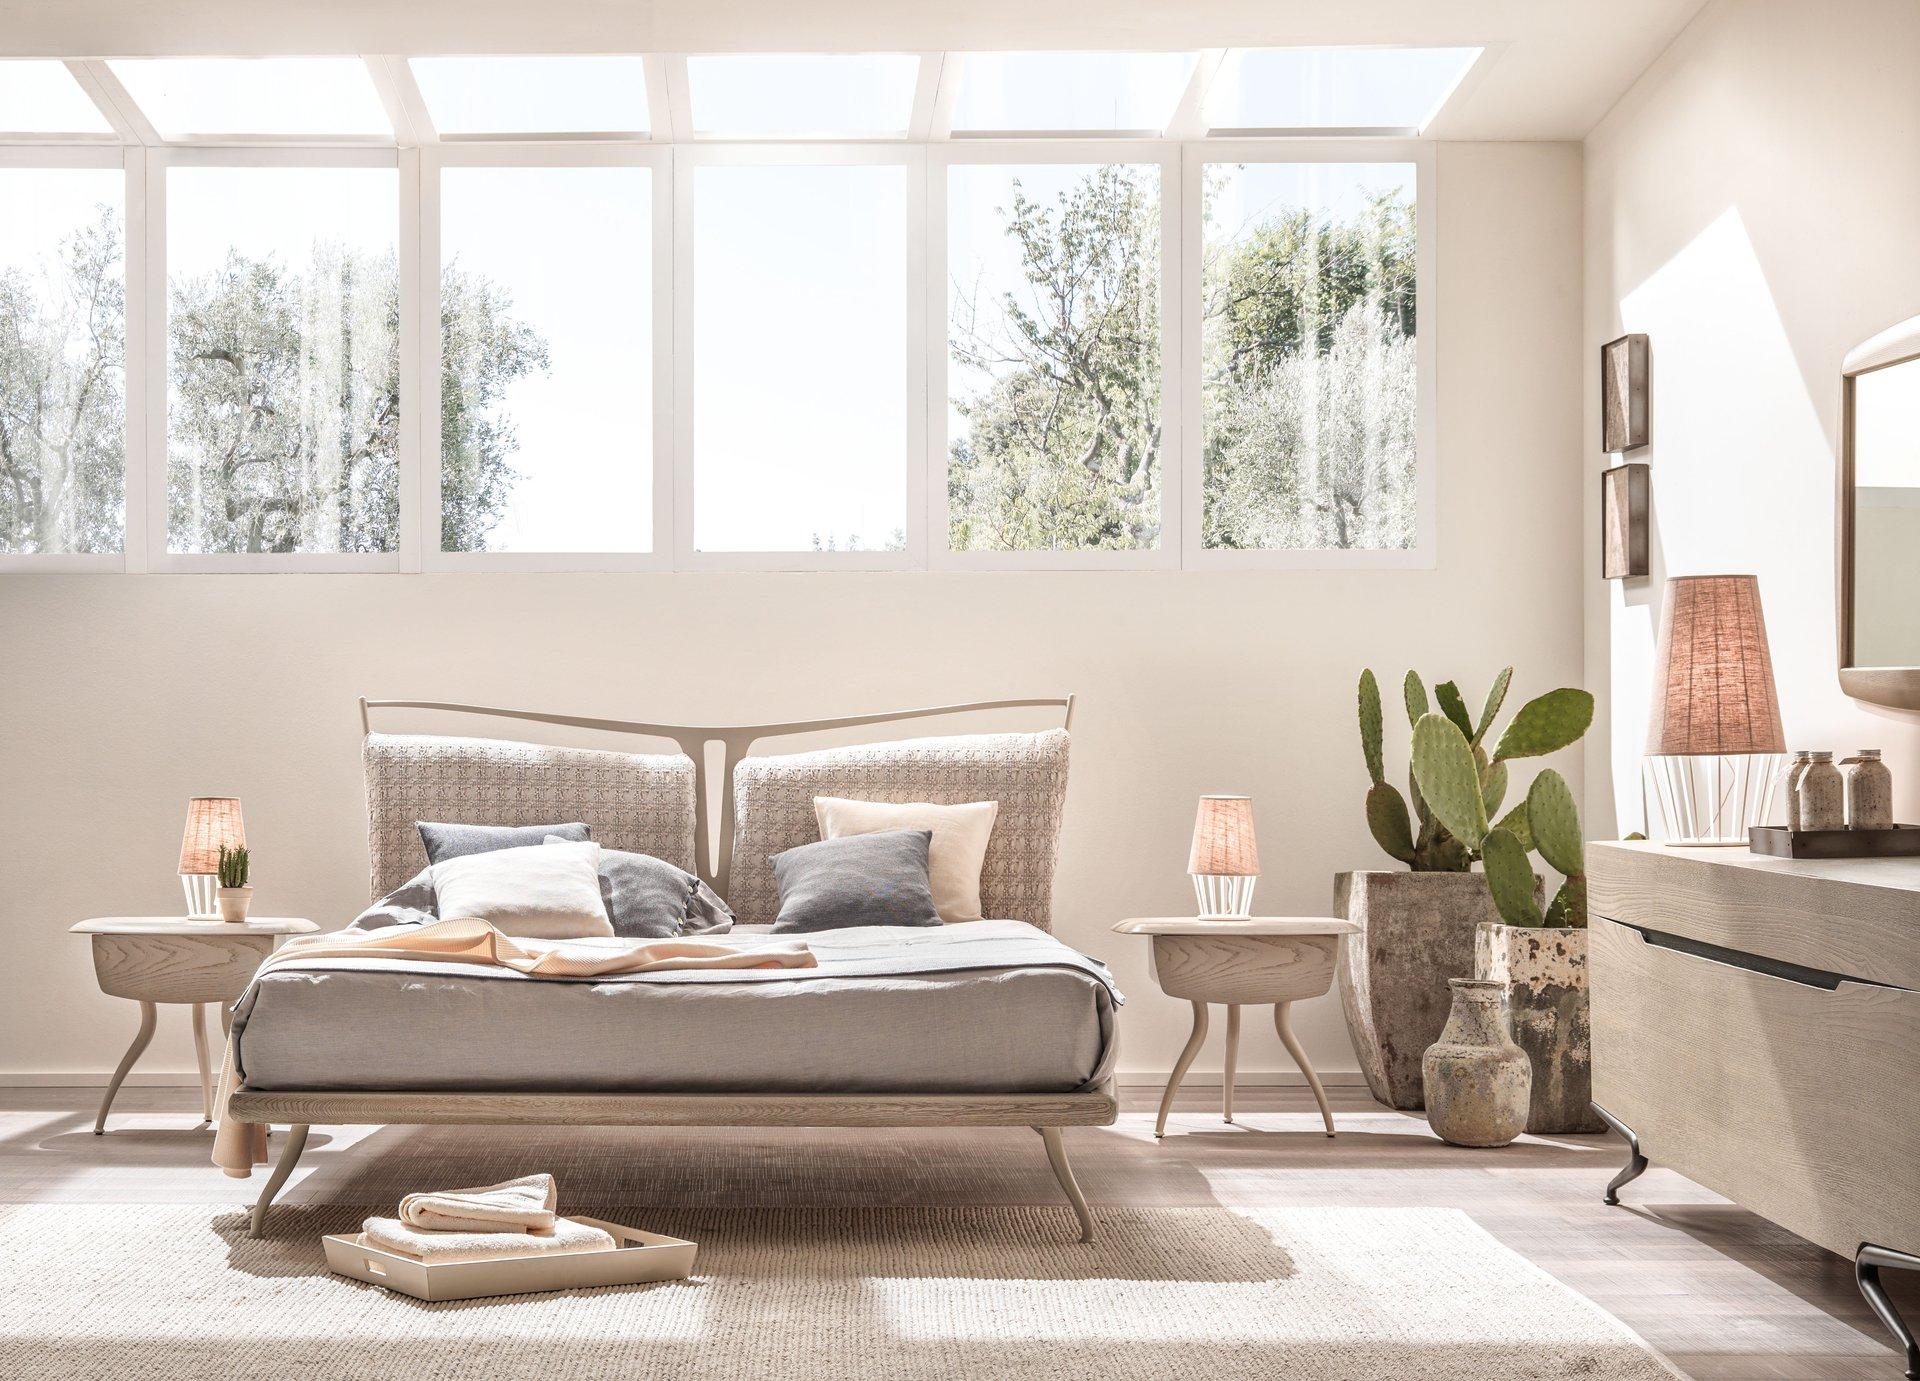 camera da letto con porta finestra scorrevole